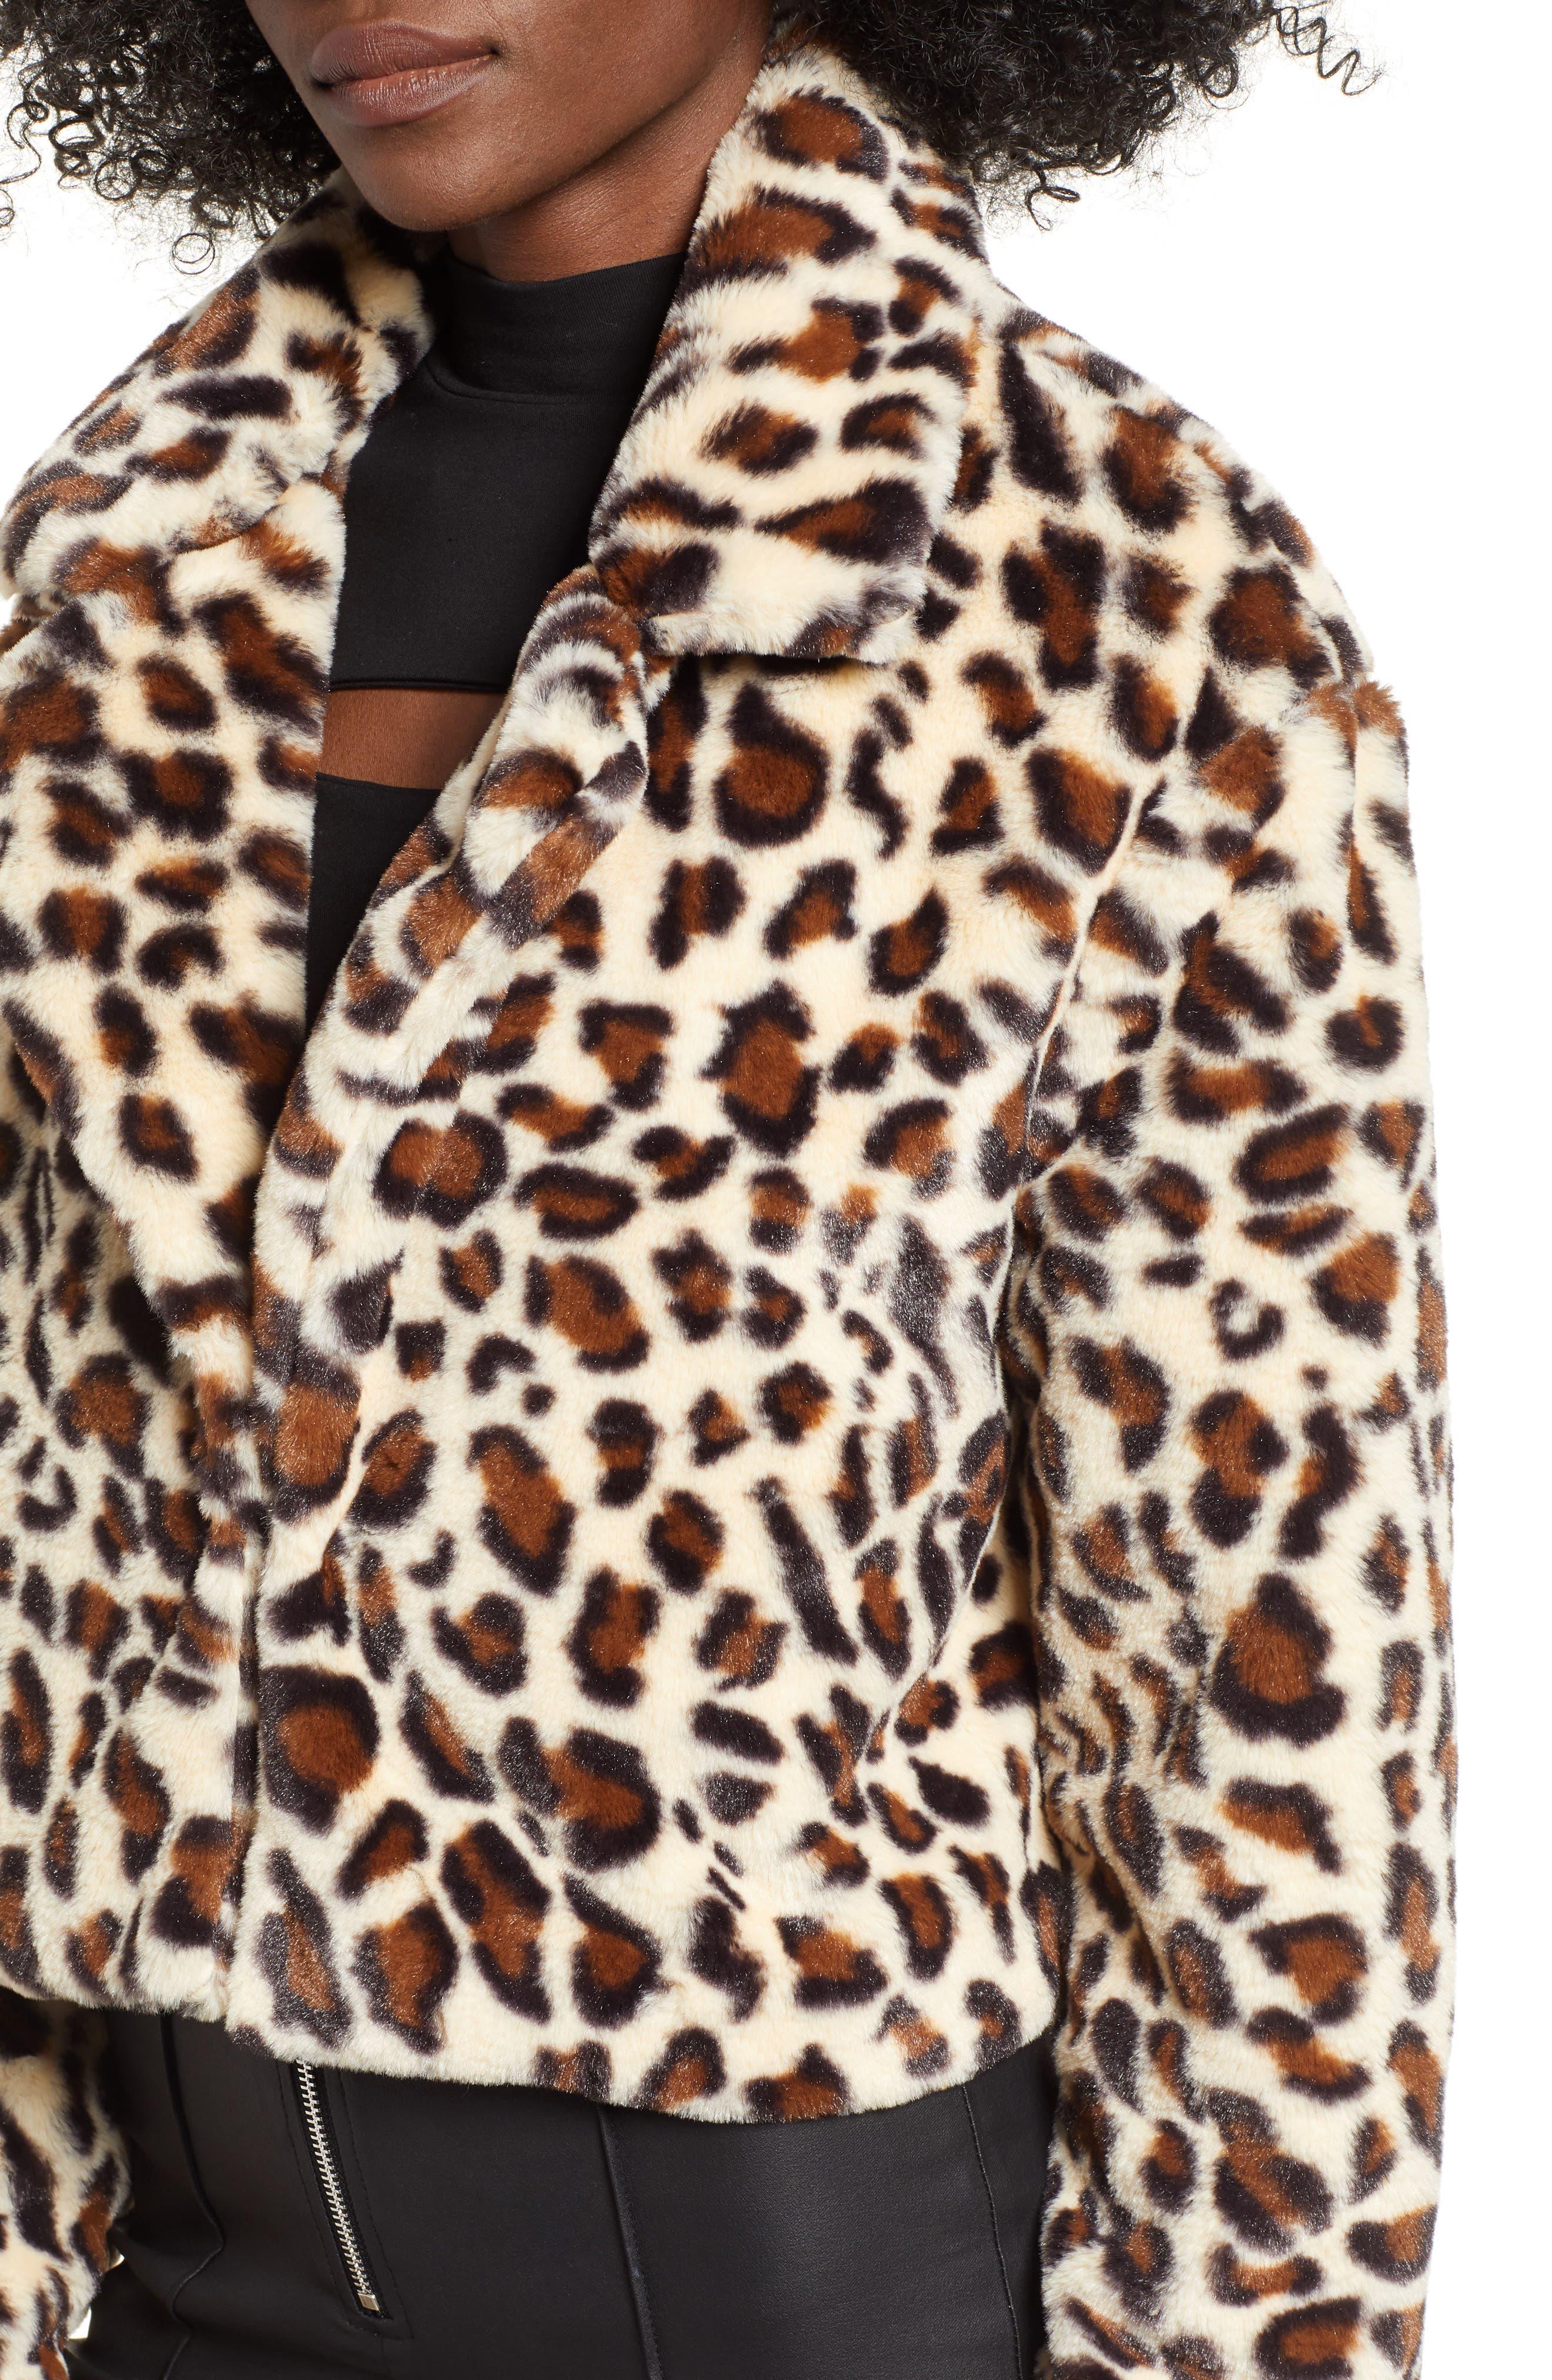 Mimi Faux Fur Jacket,                             Alternate thumbnail 4, color,                             LEOPARD